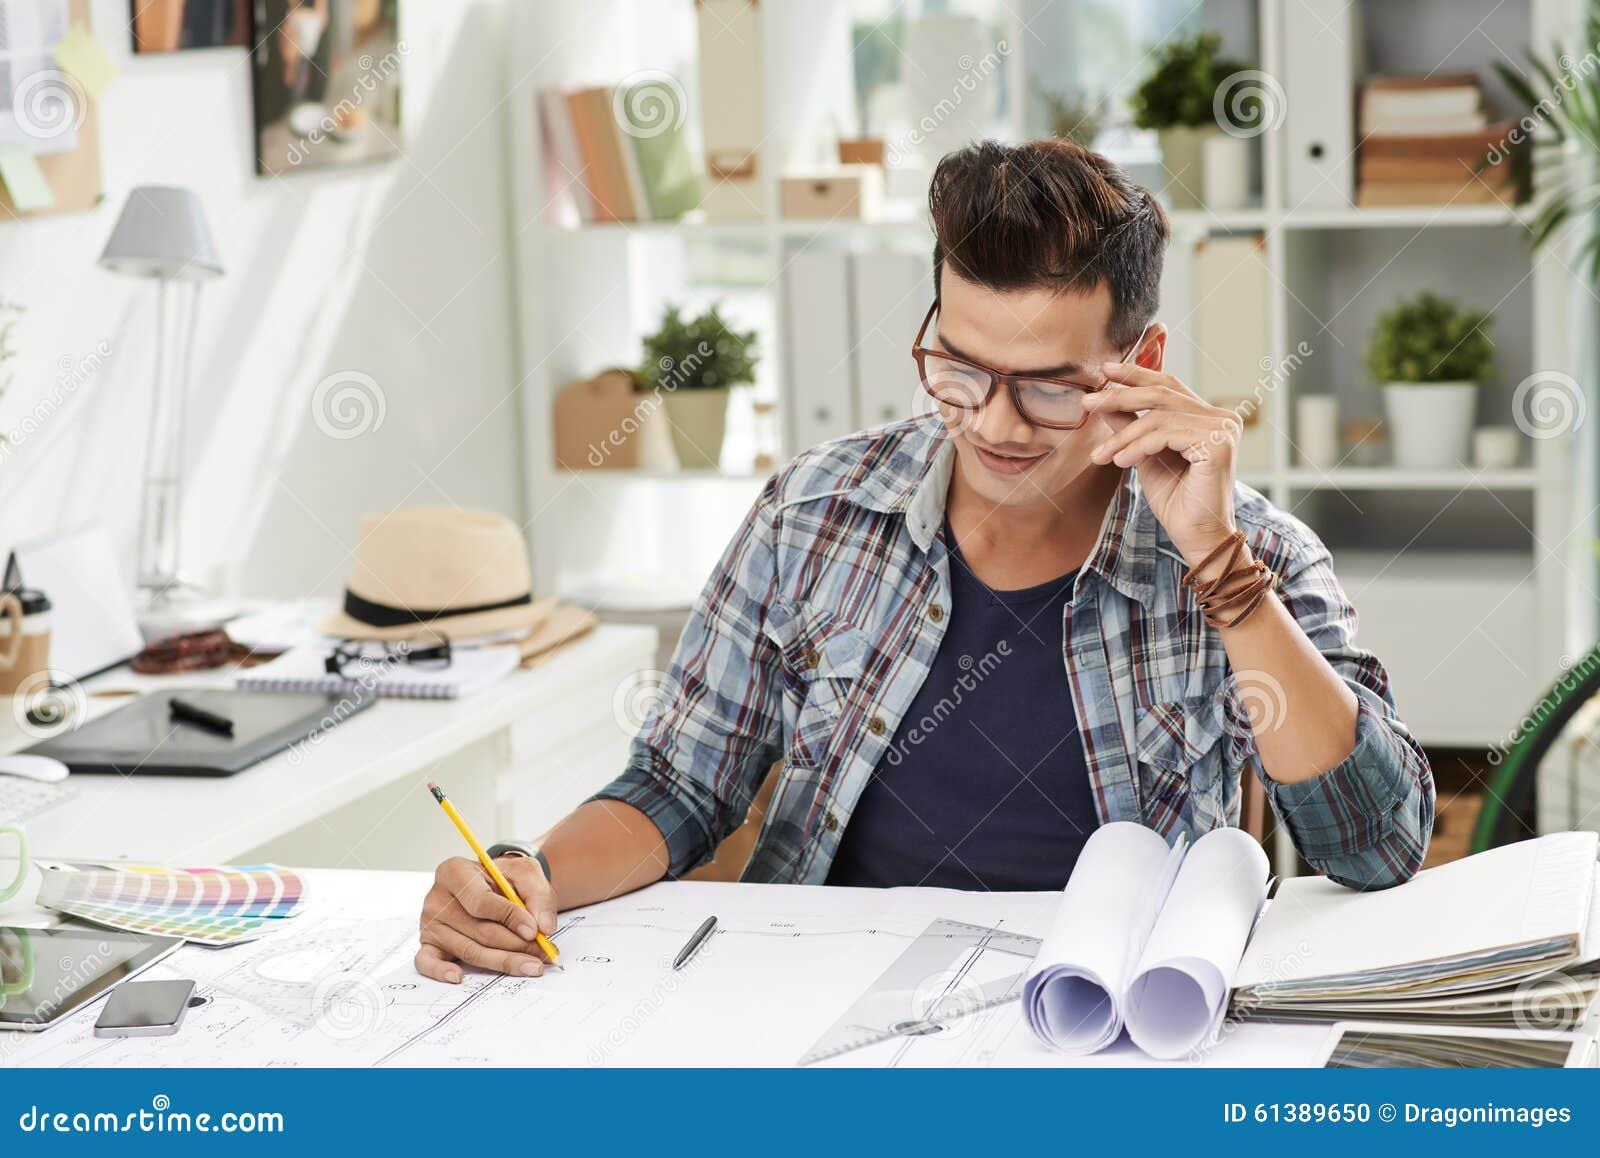 Lavorando al piano della costruzione fotografia stock for Disegno del piano di costruzione